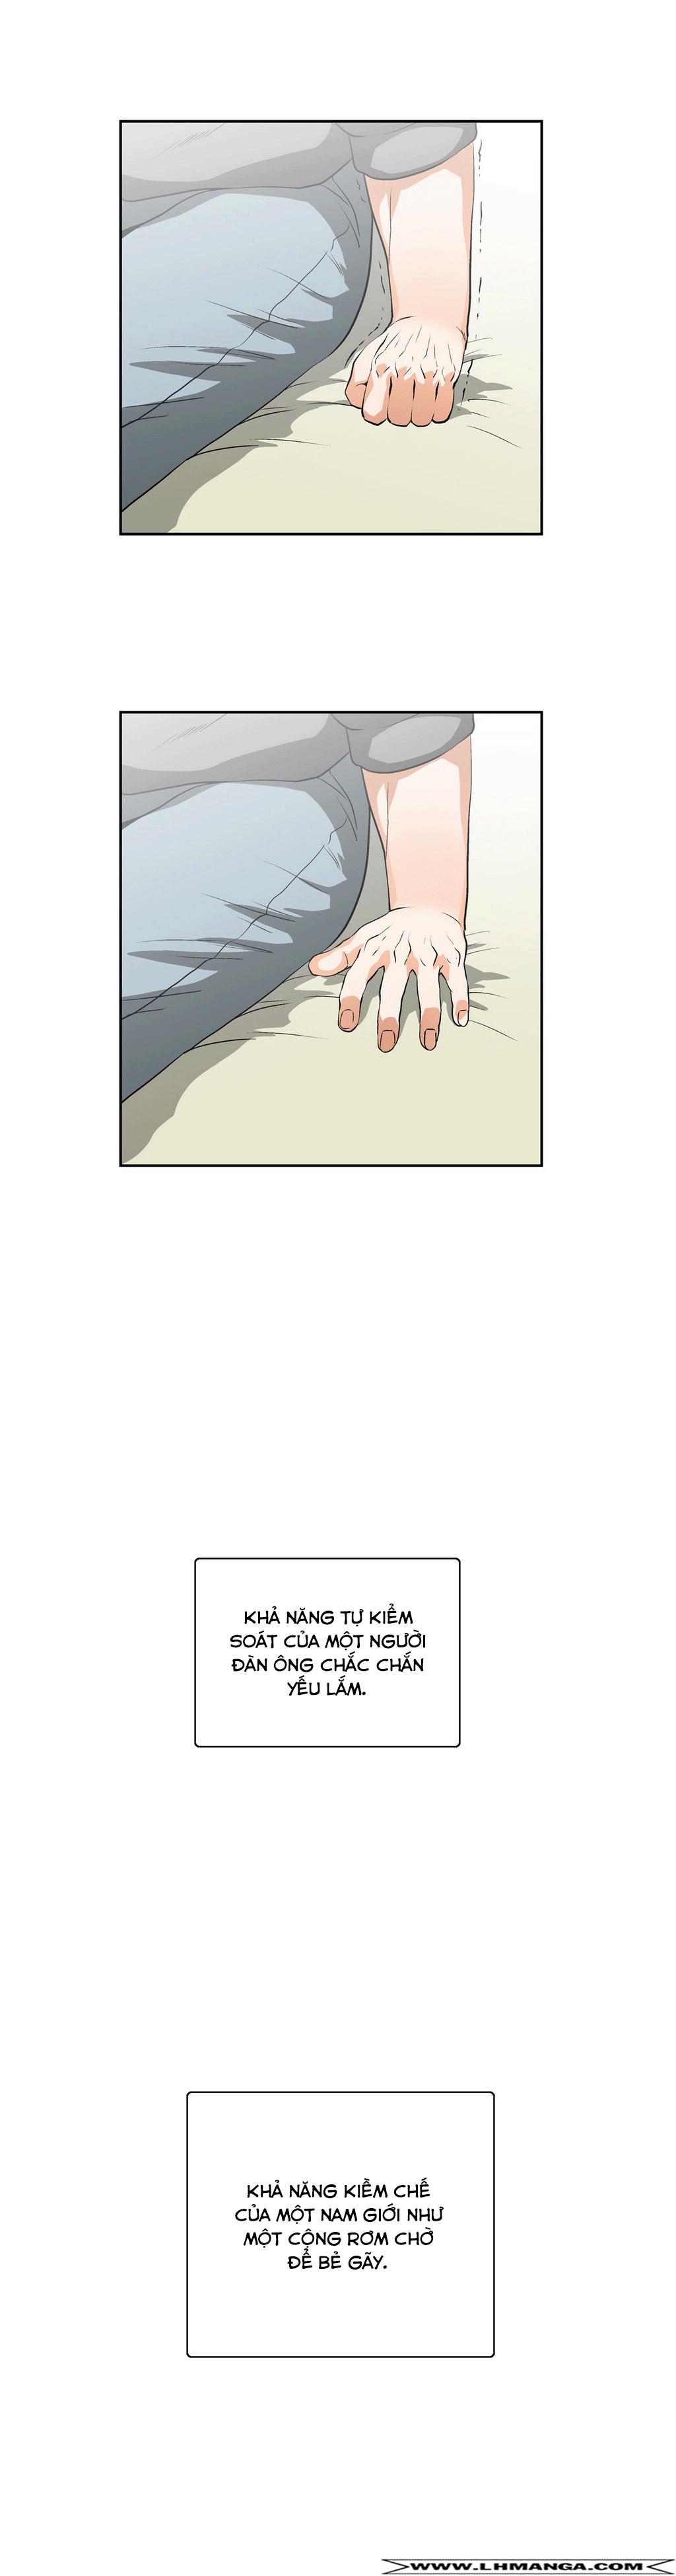 Hình ảnh HINH_00014 trong bài viết Dàn Harem Của Thằng main Bựa